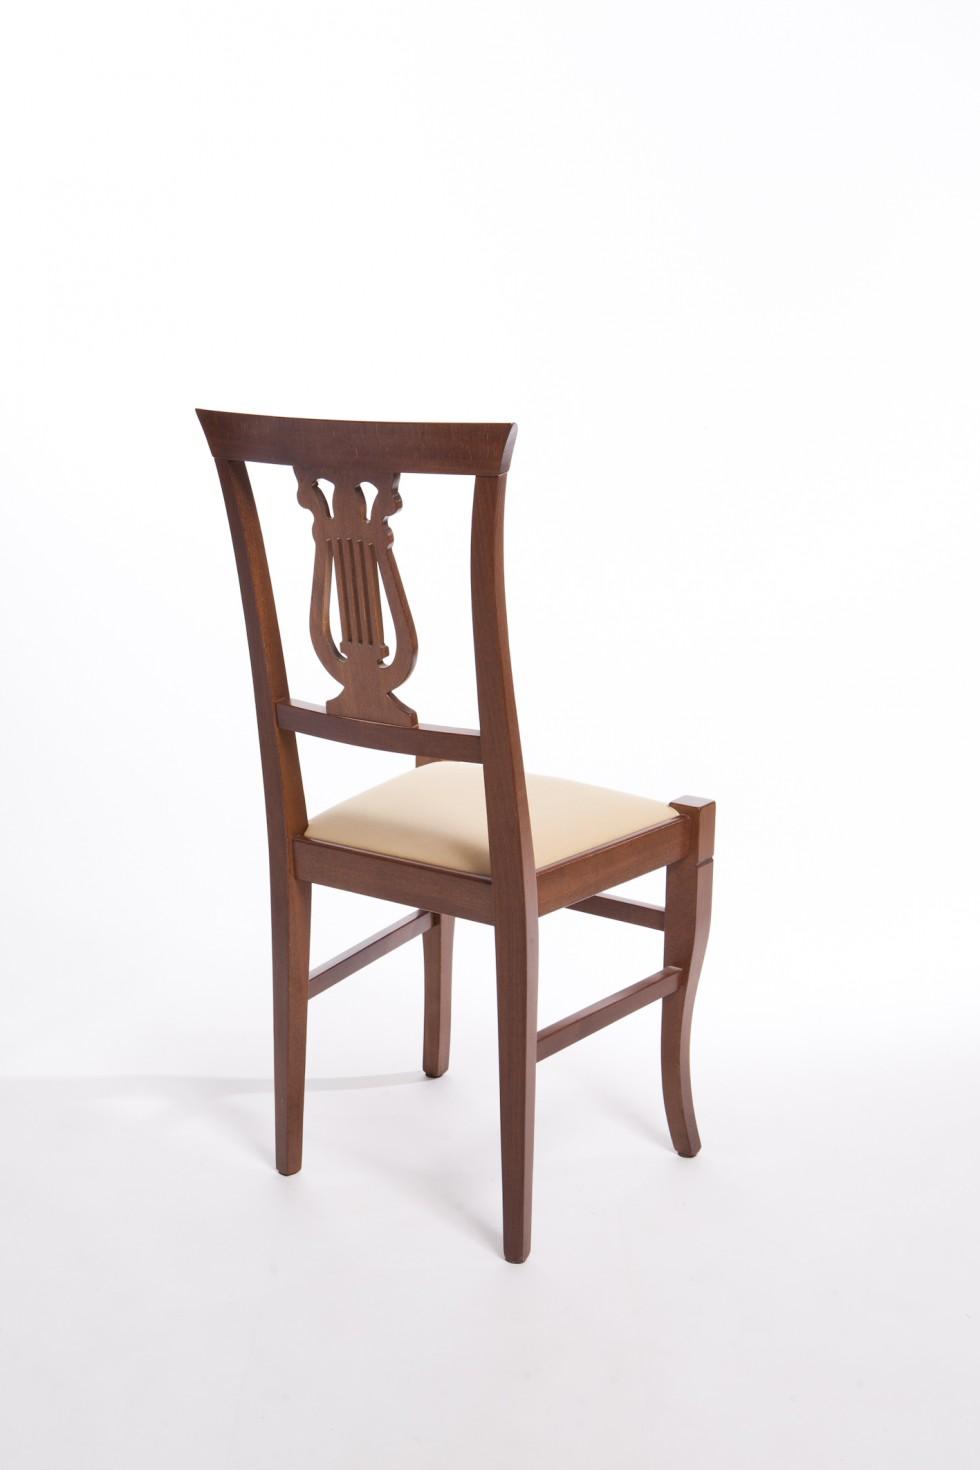 Sedia lira alta sedie f lli lusardi di ferdinando snc for Sedia alta